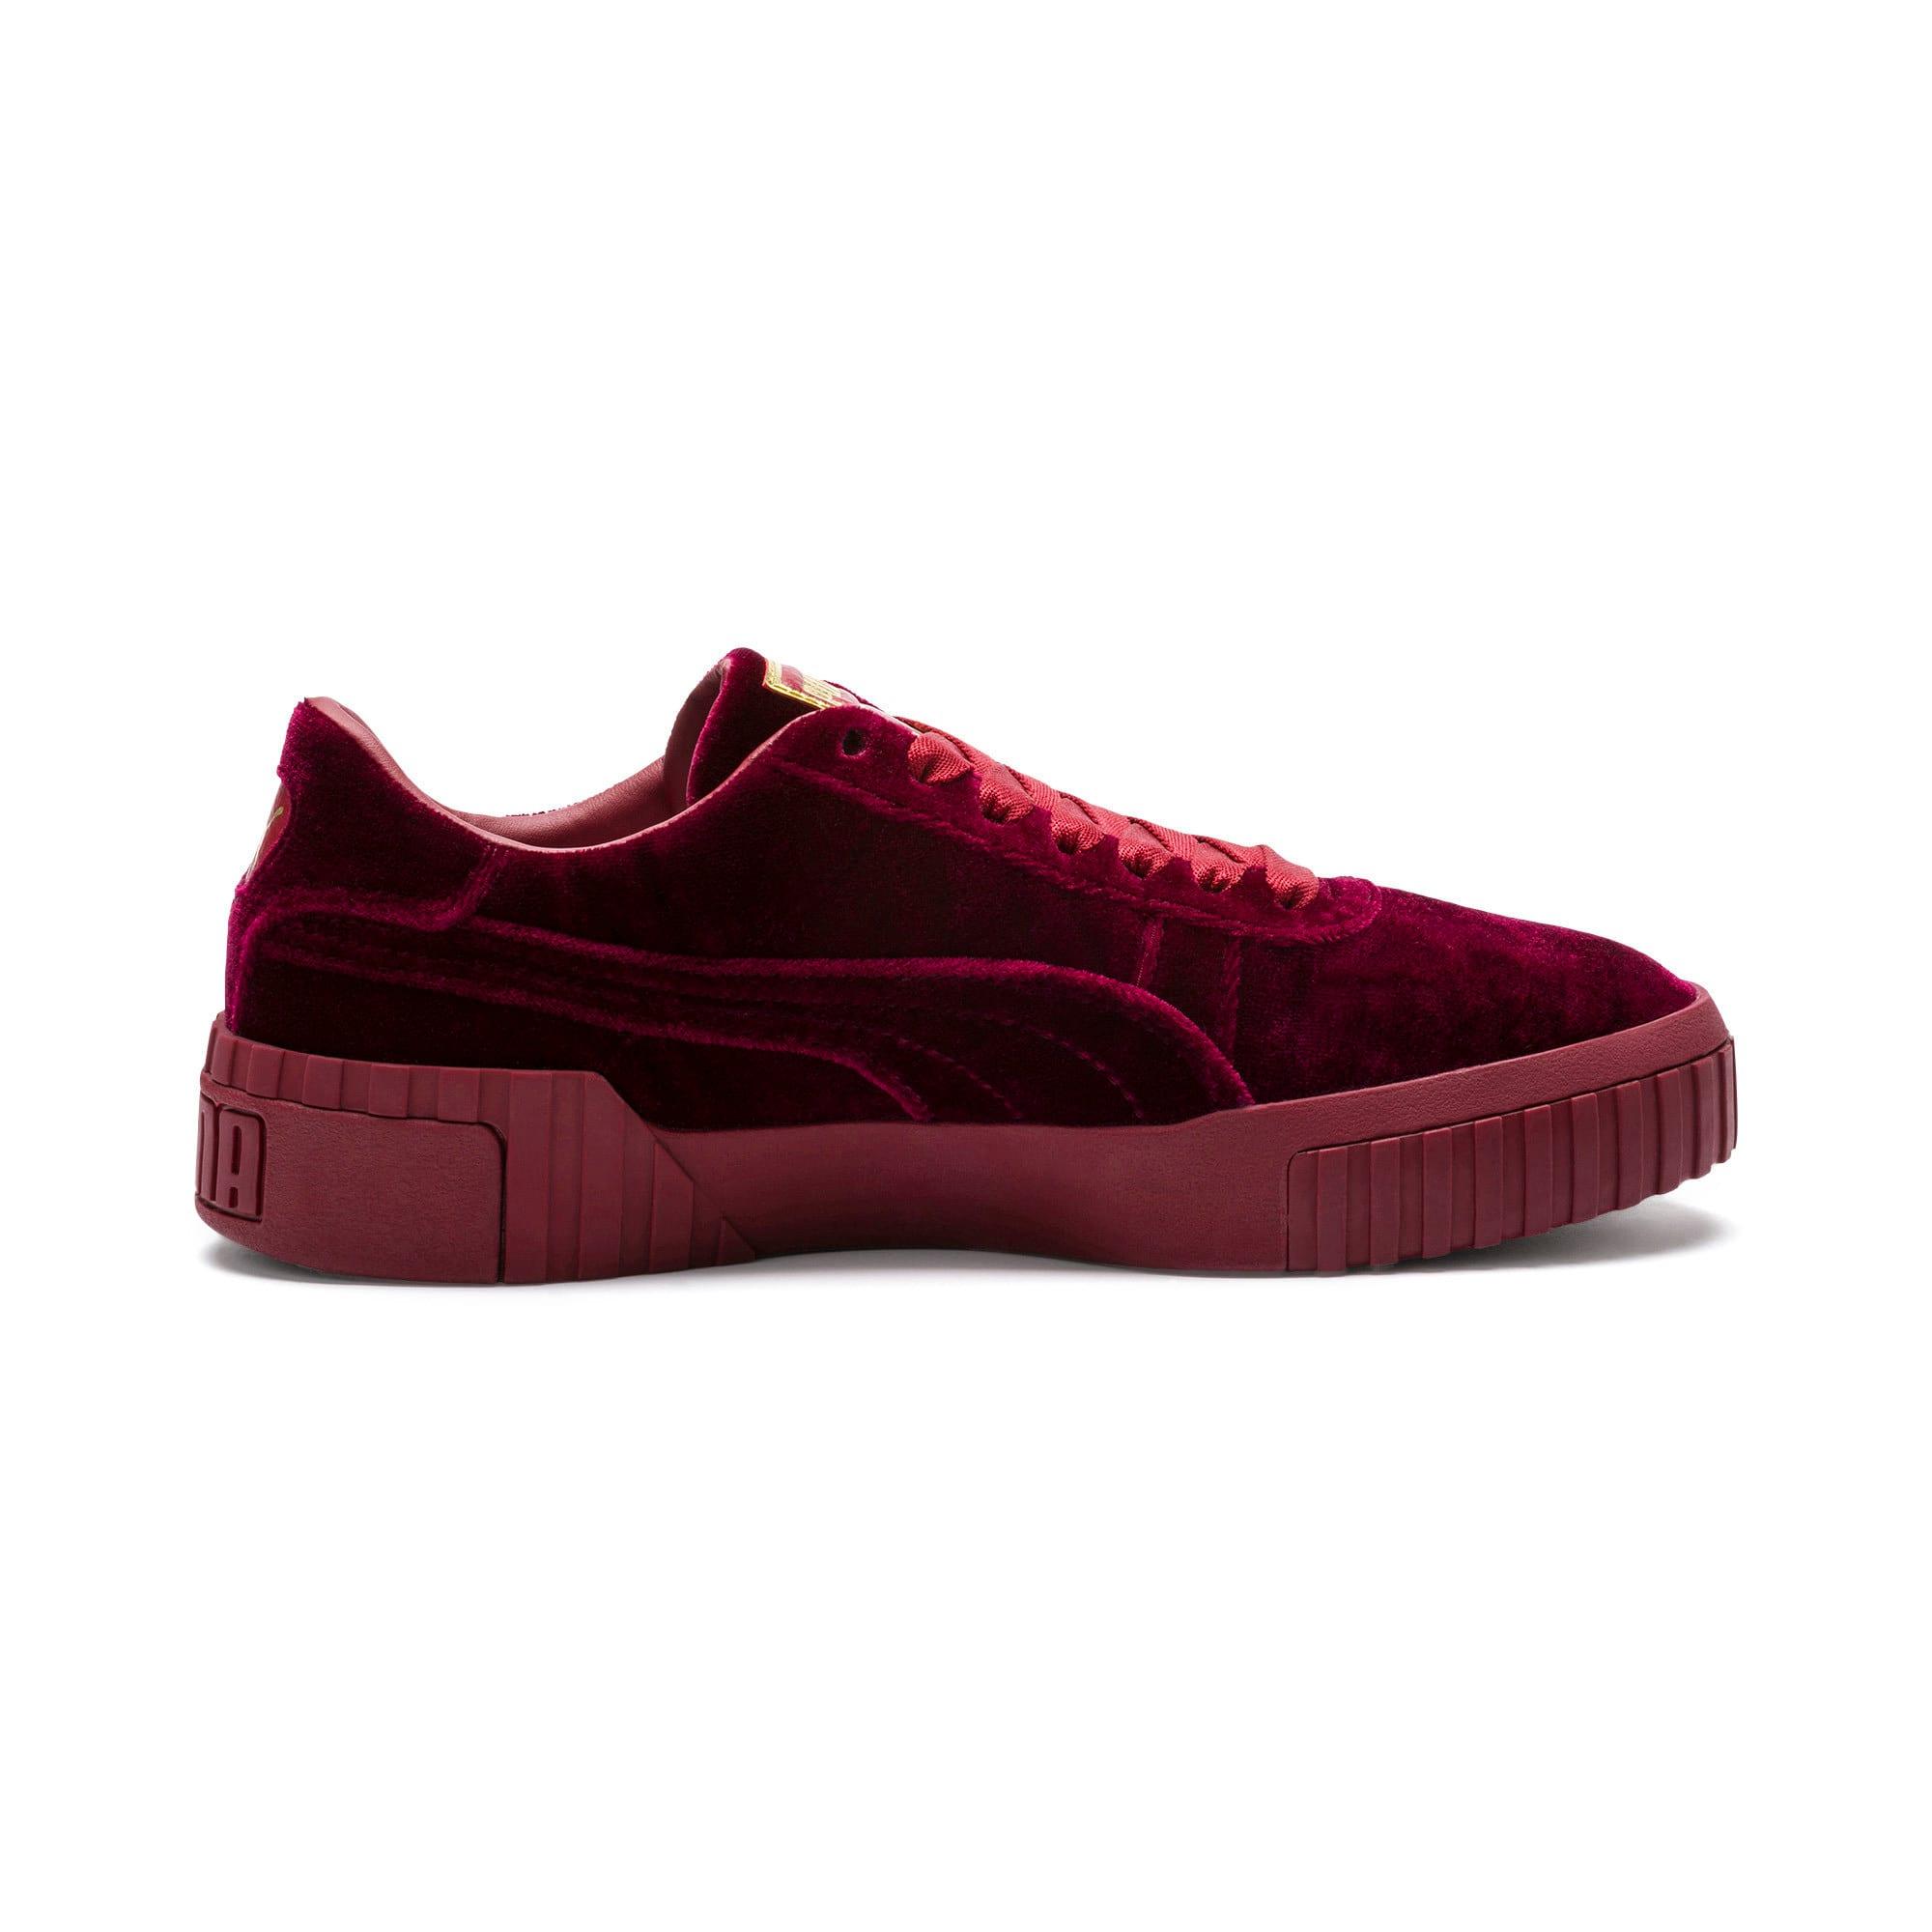 Thumbnail 5 of Cali Velvet Women's Sneakers, Tibetan Red-Tibetan Red, medium